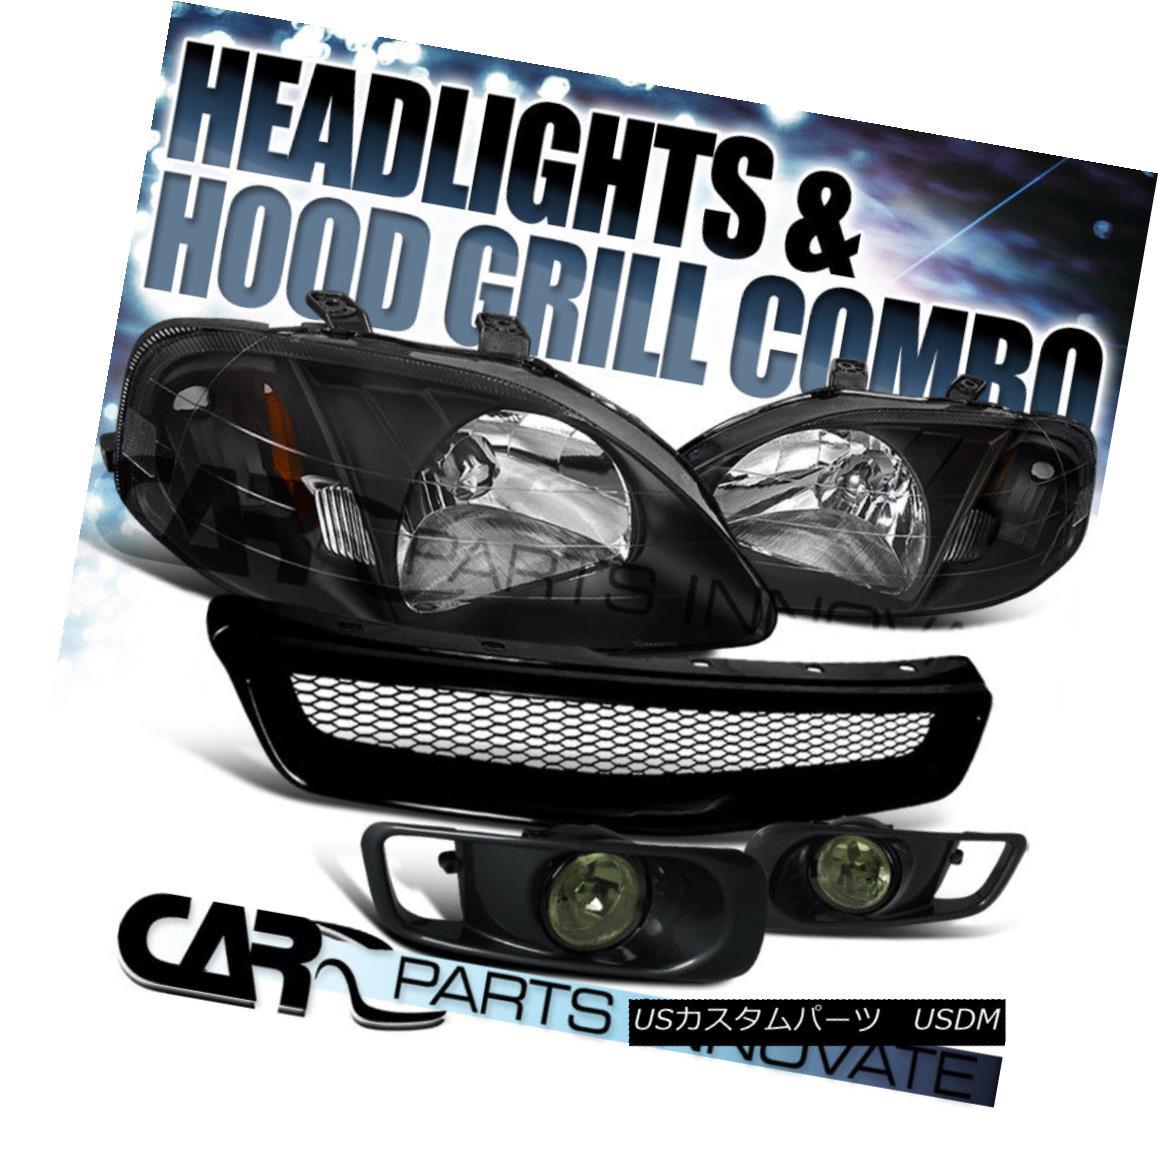 グリル Fit 1999-2000 Honda Civic Black Headlights+Smoke Fog Bumper Lamp+Mesh Grille フィット1999-2000ホンダシビックブラックヘッドライト+スモーキー keフォグバンパーランプ+メッシュグリル